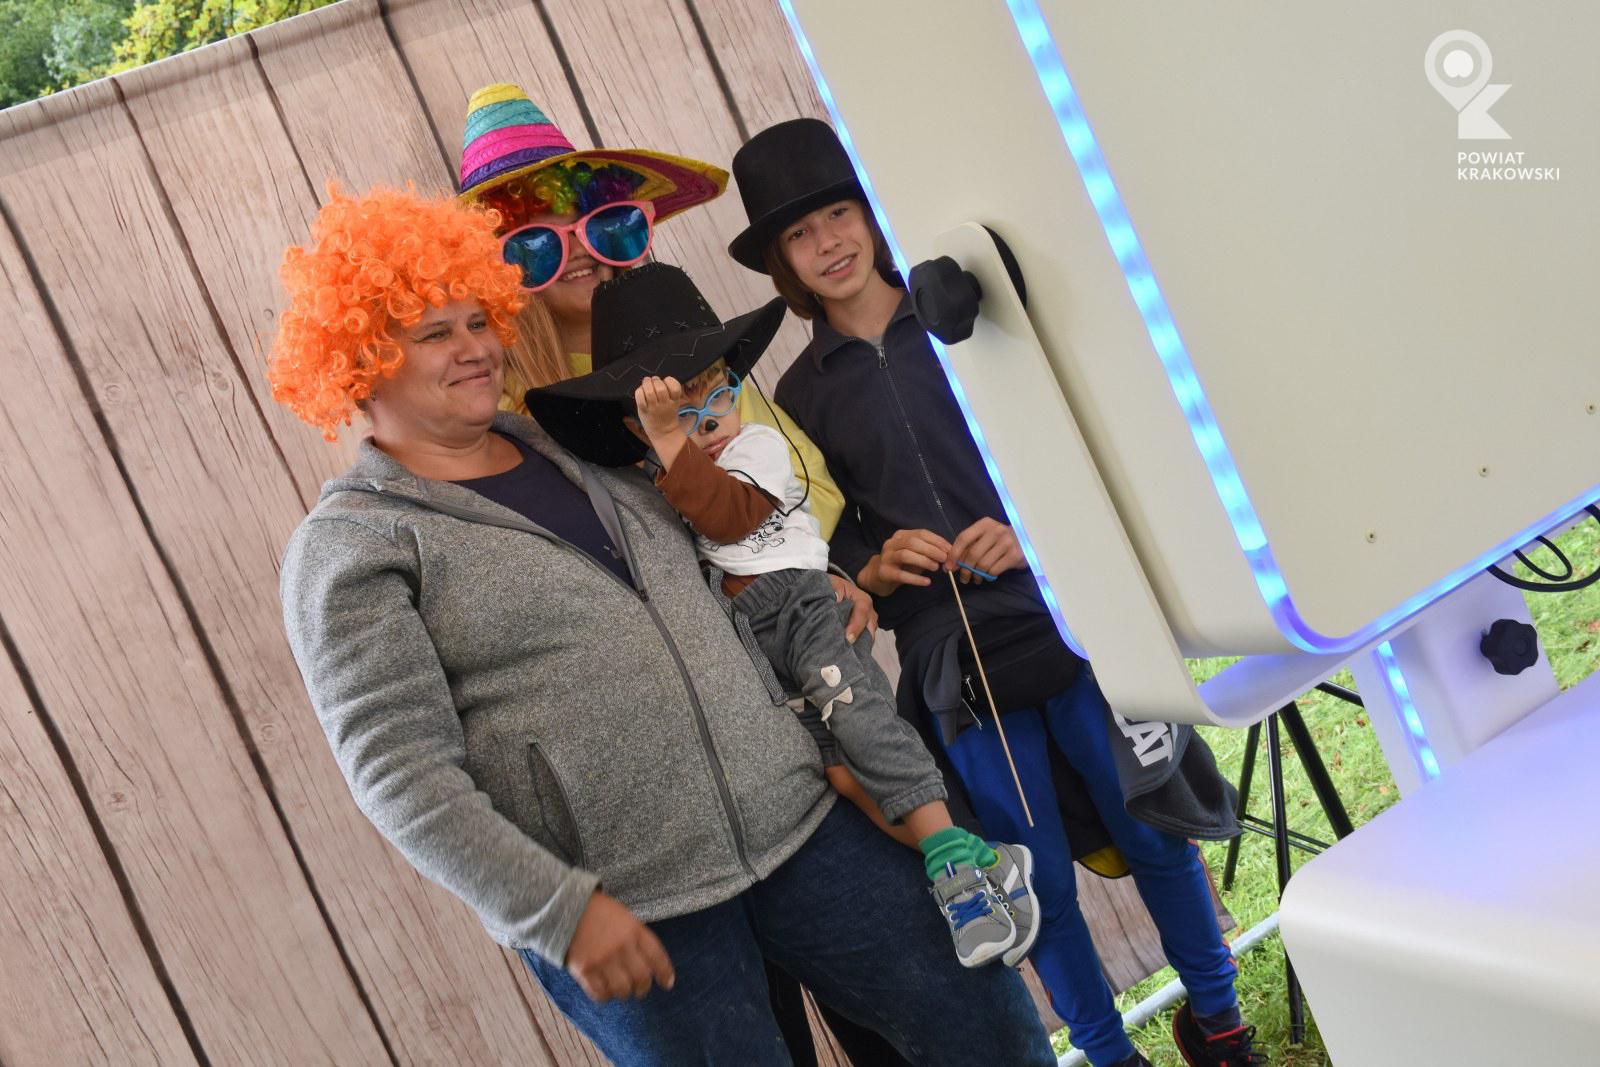 Dwóch dorosłych i dwoje dzieci w zabawnych okularach, perukach i kapeluszach patrzy w biały prostopadłościan, w którym jest aparat fotograficzny